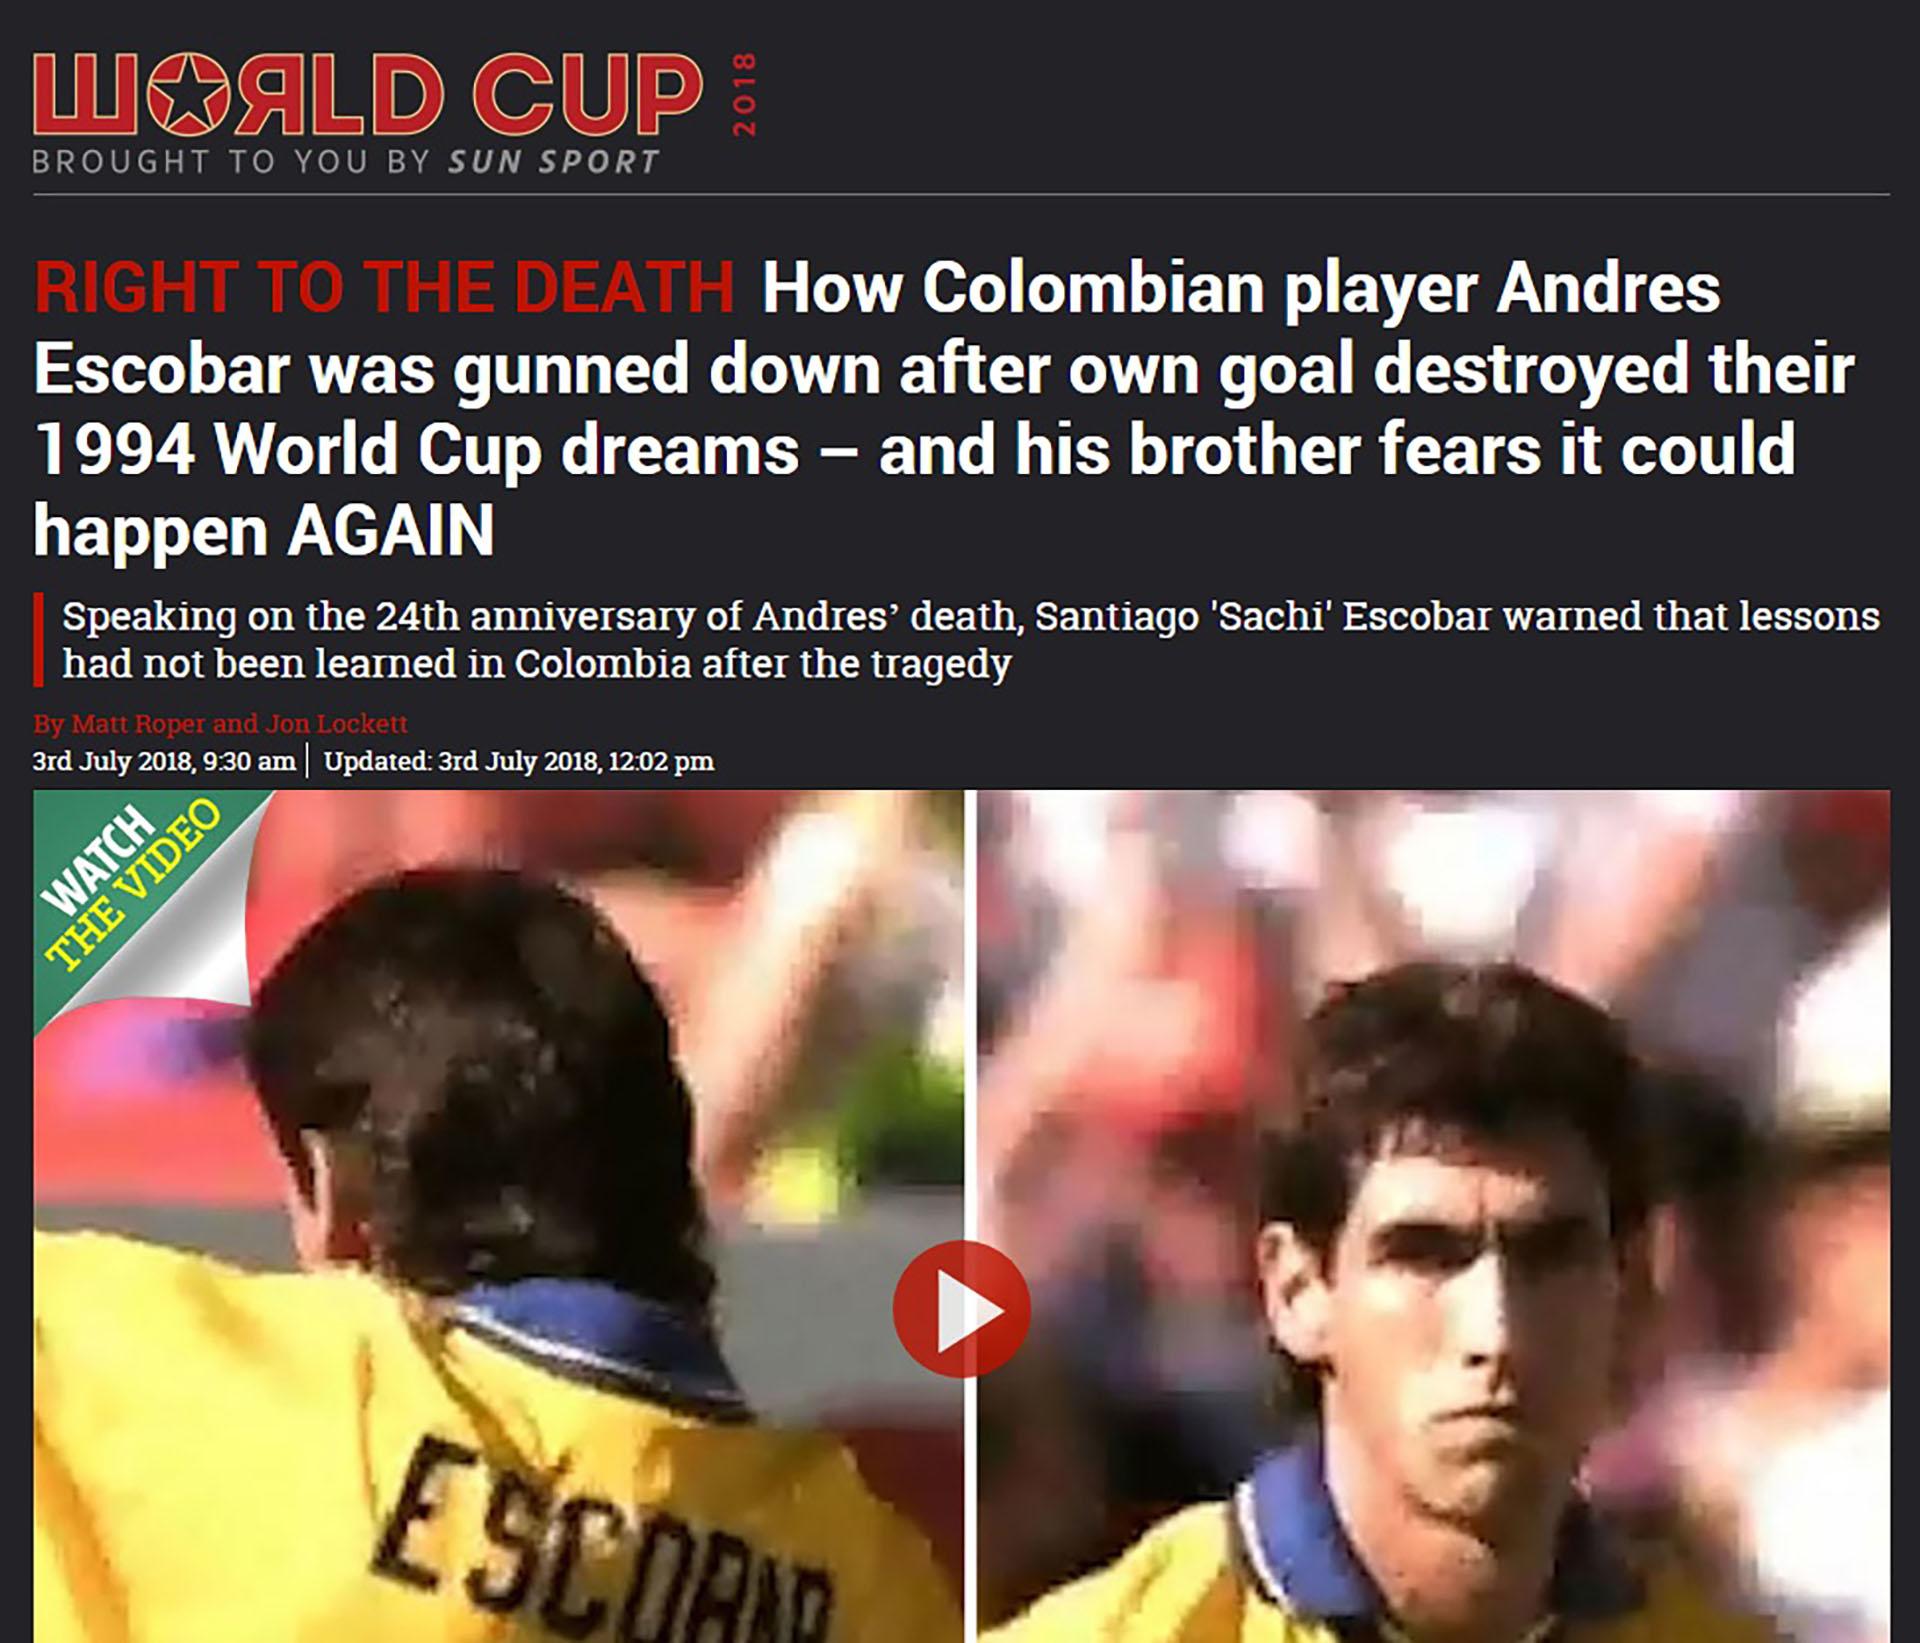 Así informó The Sun sobre el temor del hermano de Andrés Escobar de que haya nuevos asesinatos